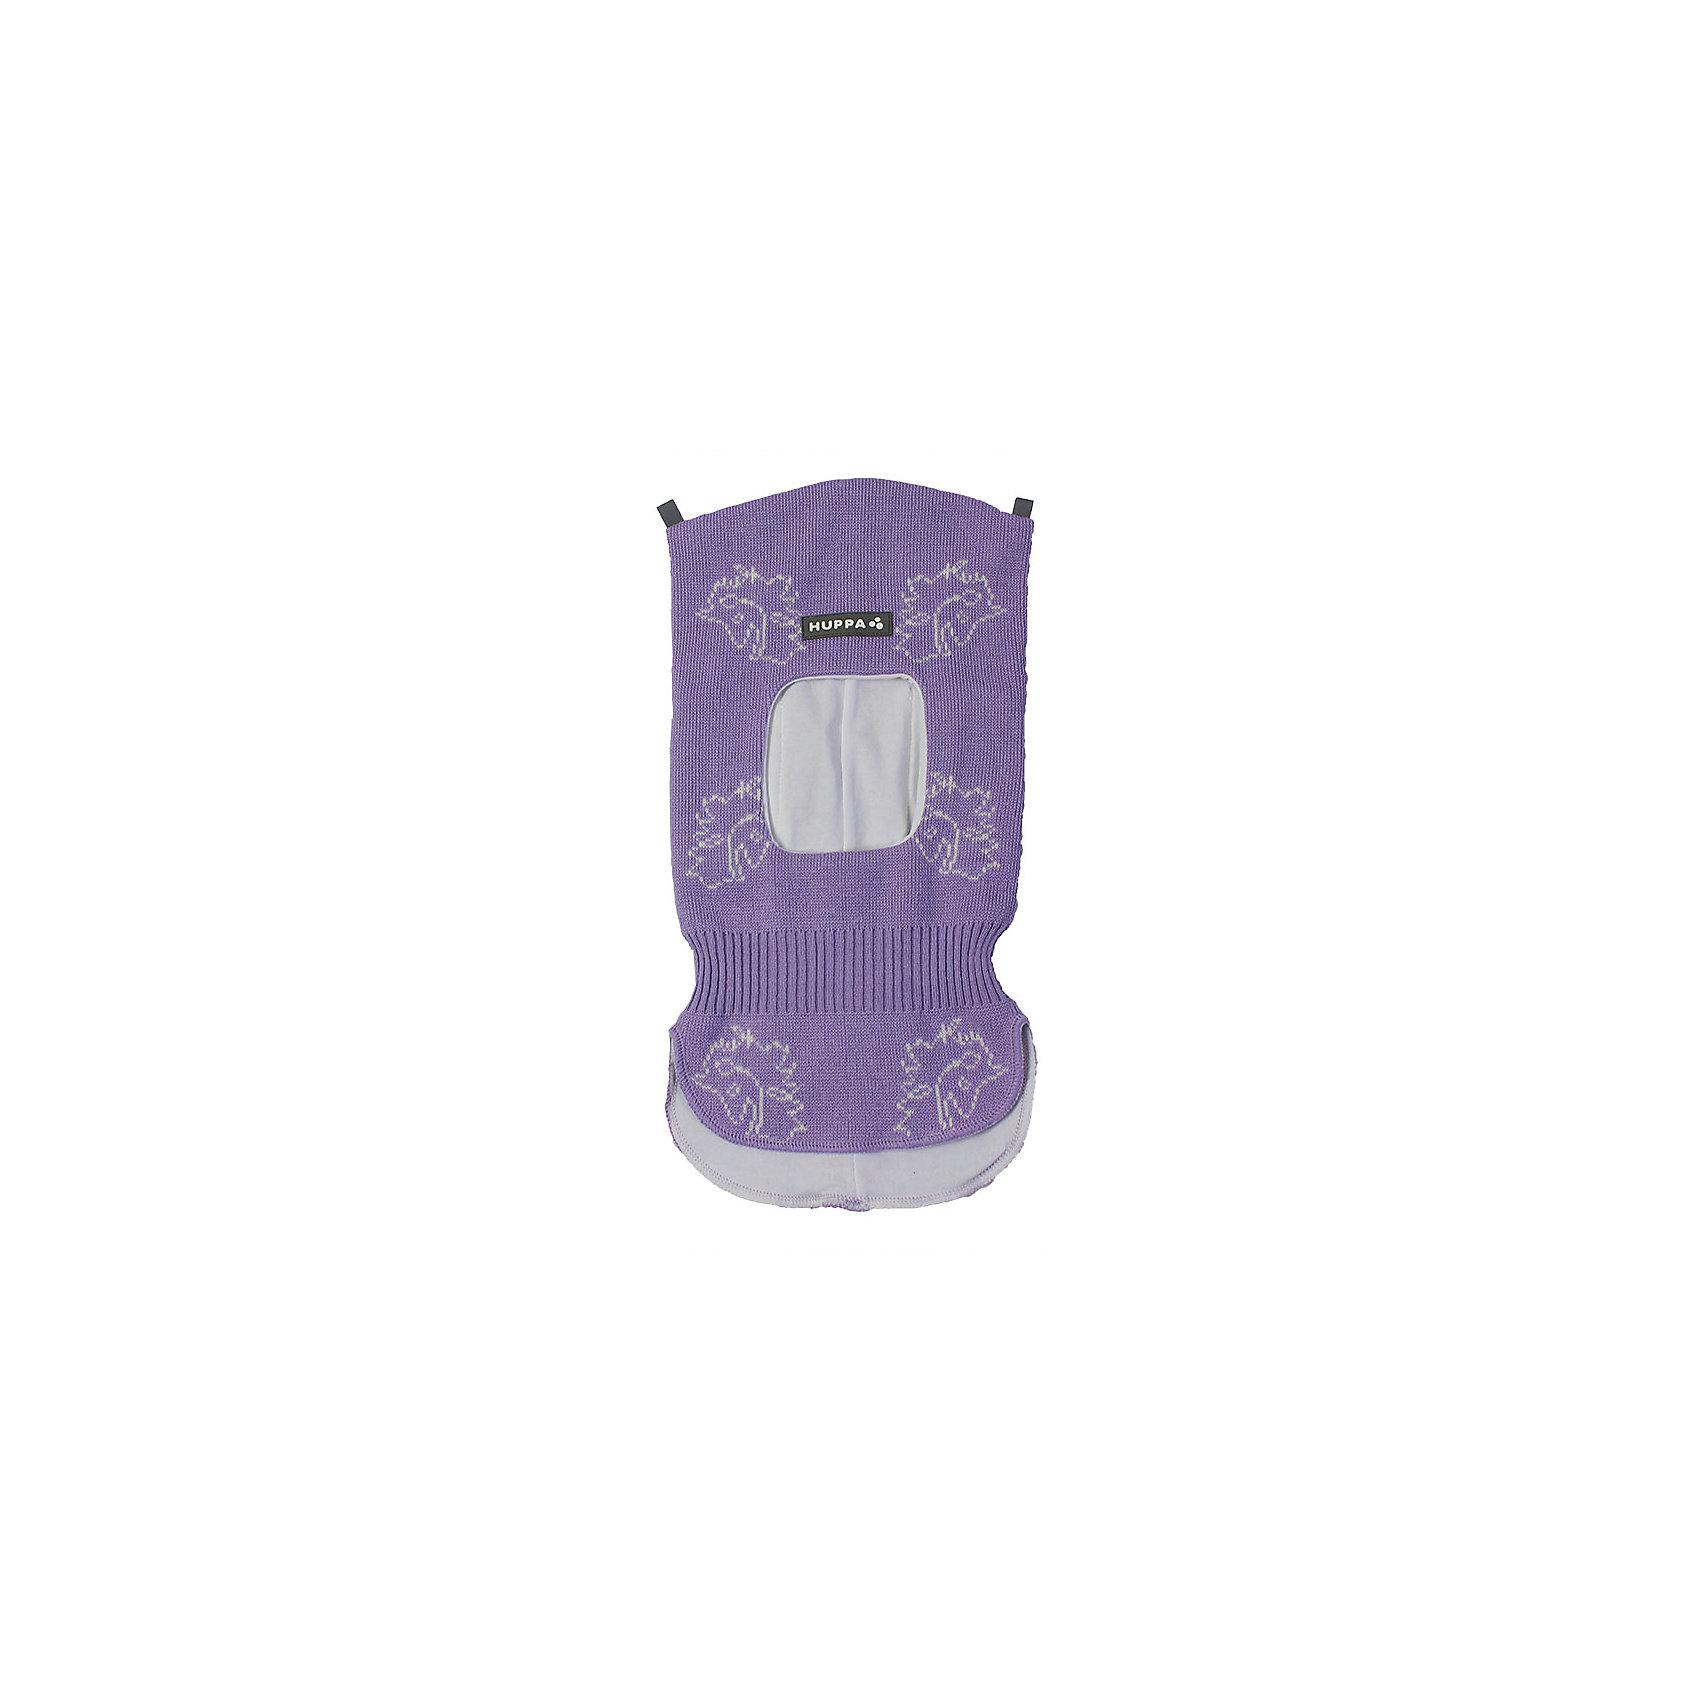 Шапка-шлем SELAH для девочки HuppaДемисезонные<br>Характеристики товара:<br><br>• цвет: сиреневый принт<br>• состав: 50% хлопок, 50% акрил<br>• подкладка: трикотаж - 100% хлопок<br>• температурный режим: от -5°С до +10°С<br>• демисезонная<br>• мягкая резинка на шее<br>• логотип<br>• комфортная посадка<br>• мягкий материал<br>• страна бренда: Эстония<br><br>Эта шапка обеспечит детям тепло и комфорт. Она сделана из приятного на ощупь мягкого материала. Шапка очень симпатично смотрится, а дизайн и расцветка позволяют сочетать её с различной одеждой. Модель была разработана специально для детей.<br><br>Одежда и обувь от популярного эстонского бренда Huppa - отличный вариант одеть ребенка можно и комфортно. Вещи, выпускаемые компанией, качественные, продуманные и очень удобные. Для производства изделий используются только безопасные для детей материалы. Продукция от Huppa порадует и детей, и их родителей!<br><br>Шапку-шлем SELAH от бренда Huppa (Хуппа) можно купить в нашем интернет-магазине.<br><br>Ширина мм: 89<br>Глубина мм: 117<br>Высота мм: 44<br>Вес г: 155<br>Цвет: розовый<br>Возраст от месяцев: 6<br>Возраст до месяцев: 12<br>Пол: Женский<br>Возраст: Детский<br>Размер: 43-45,51-53,47-49<br>SKU: 5347621